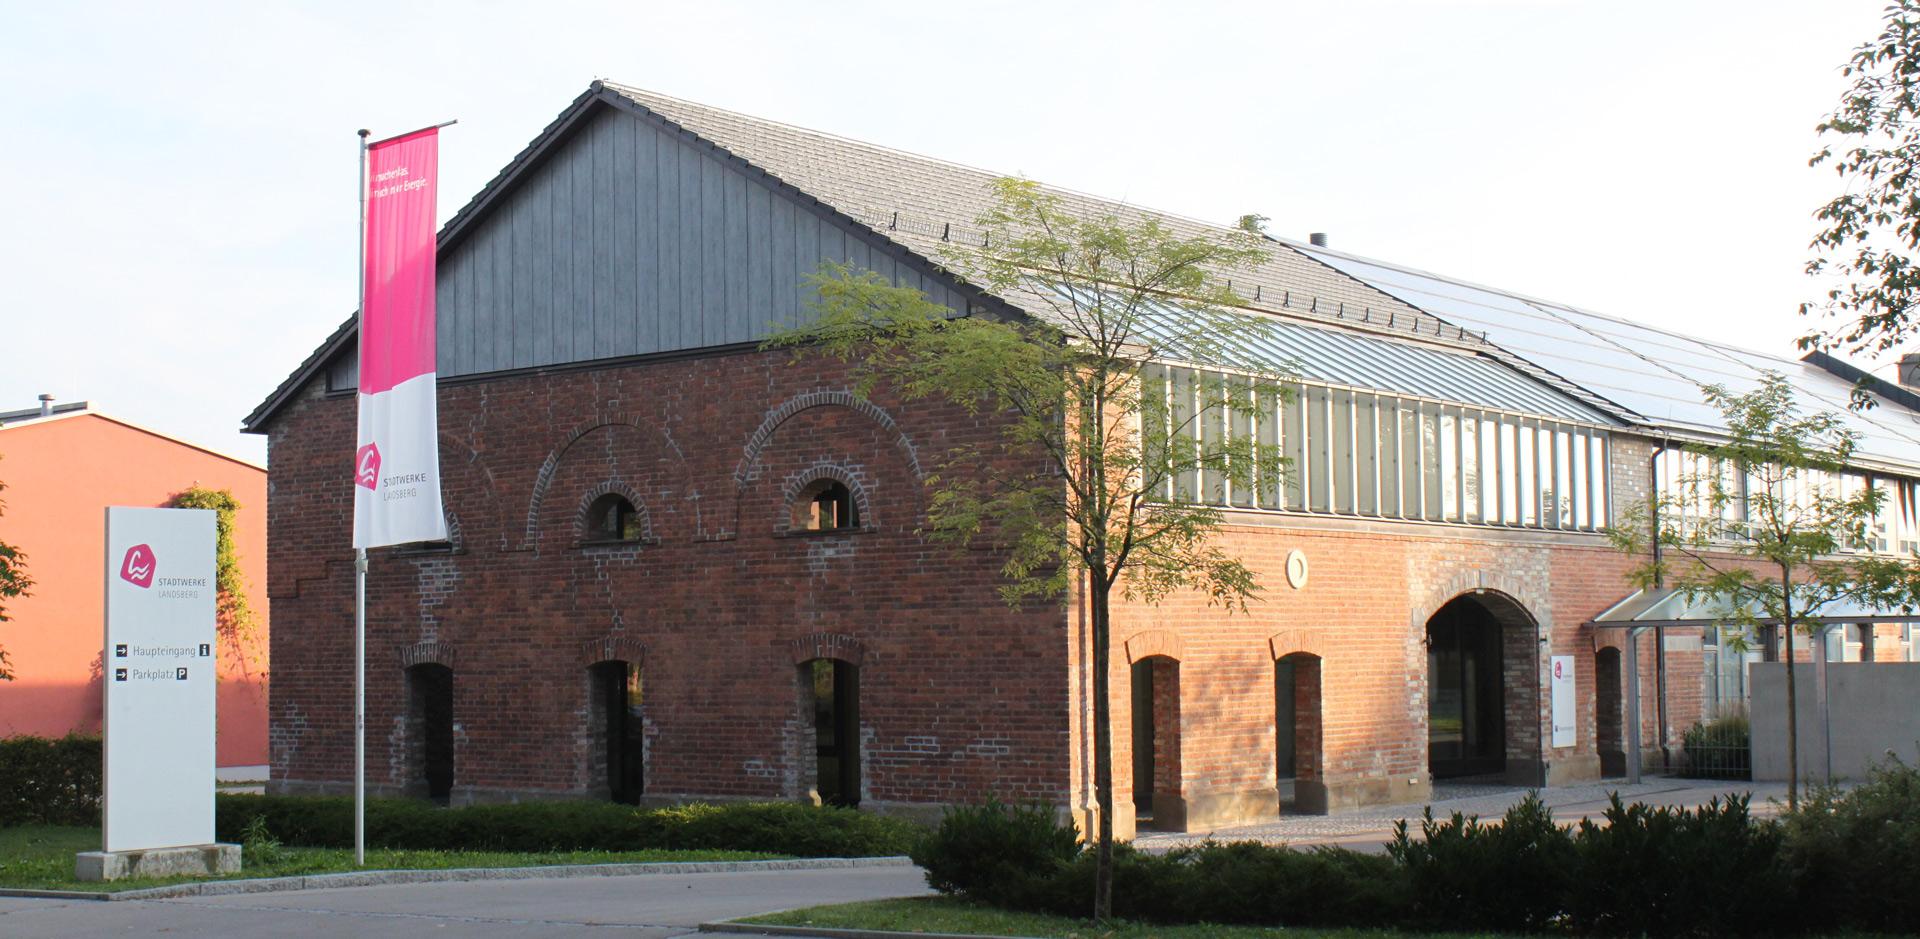 Stadtwerke_Landsberg_GU